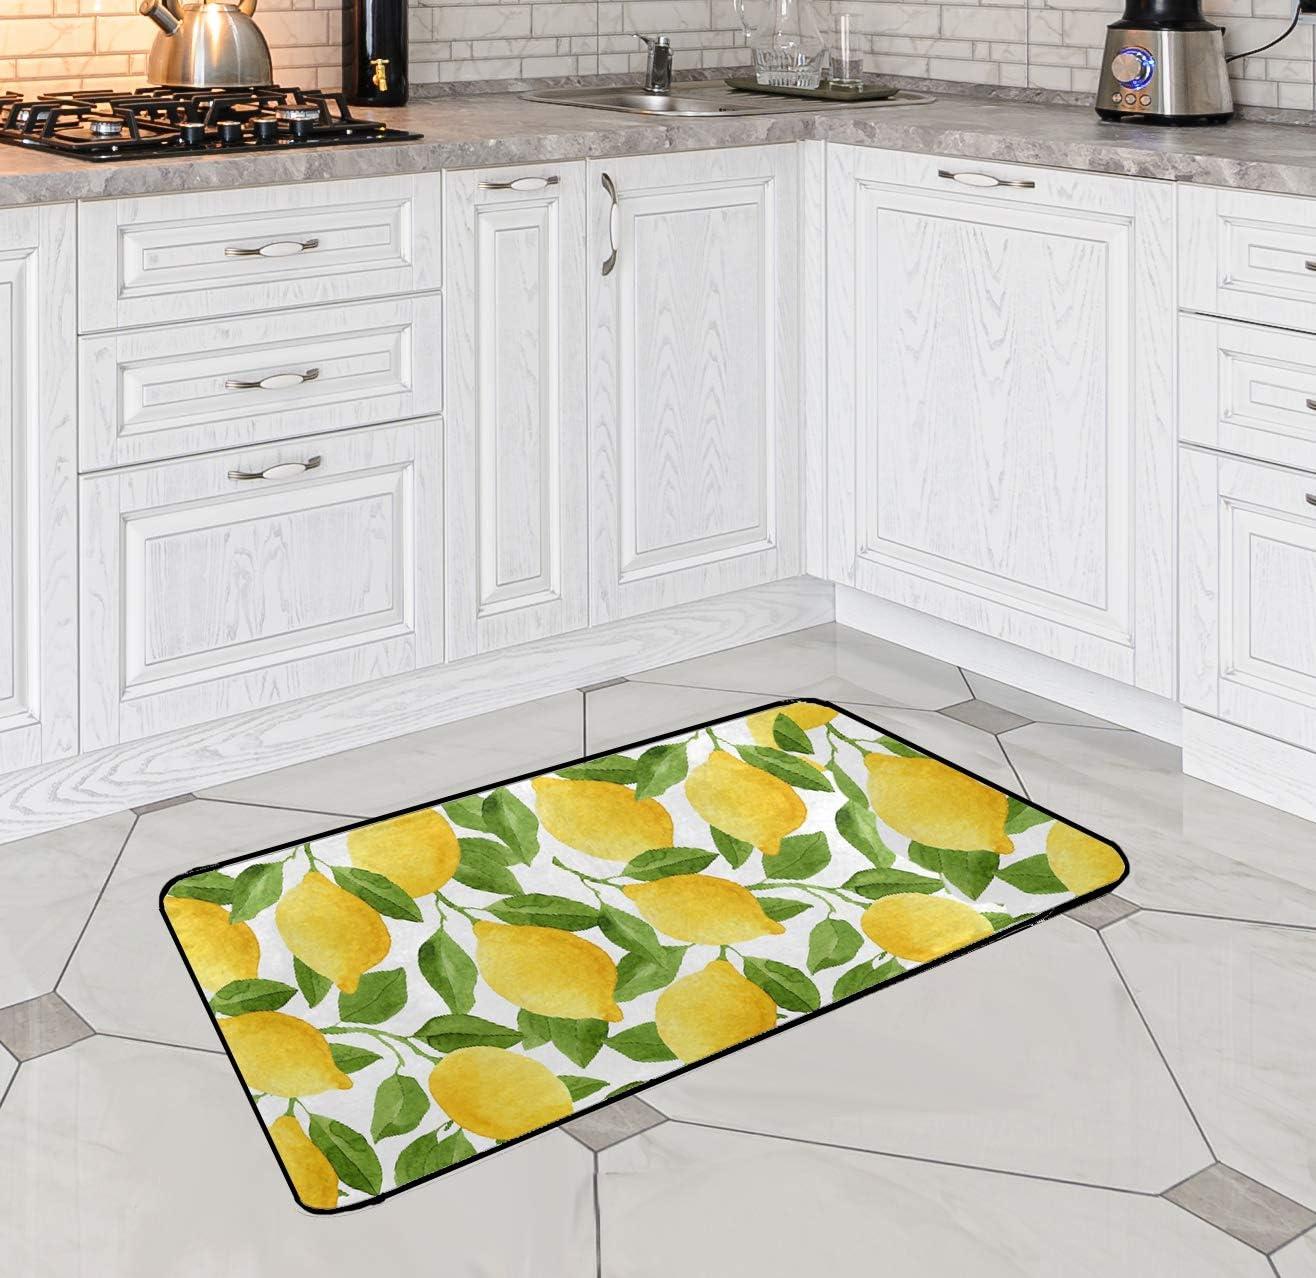 Lemon Bath Runner Rug Yellow Lime Tree Non Slip Area Mat Rugs for Bathroom  Kitchen Indoor Carpet Doormat Floor Dirt Trapper Mats Shoes Scraper 9